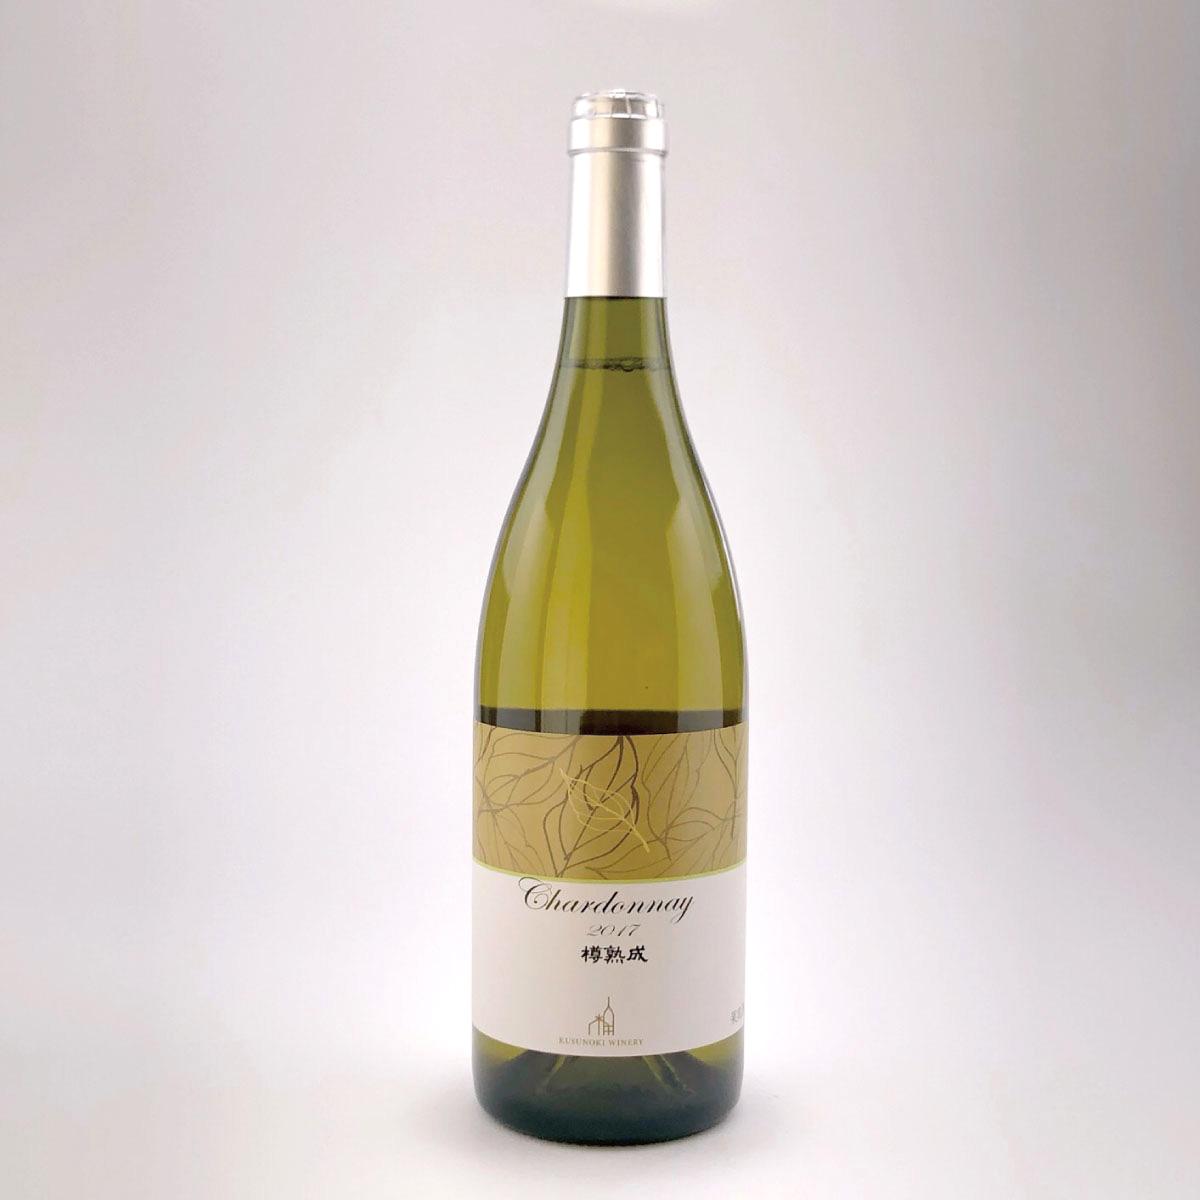 【ふるさと納税】シャルドネ樽熟成(白)750ml《楠わいなりー》【ワイン・お酒・白ワイン・洋酒】